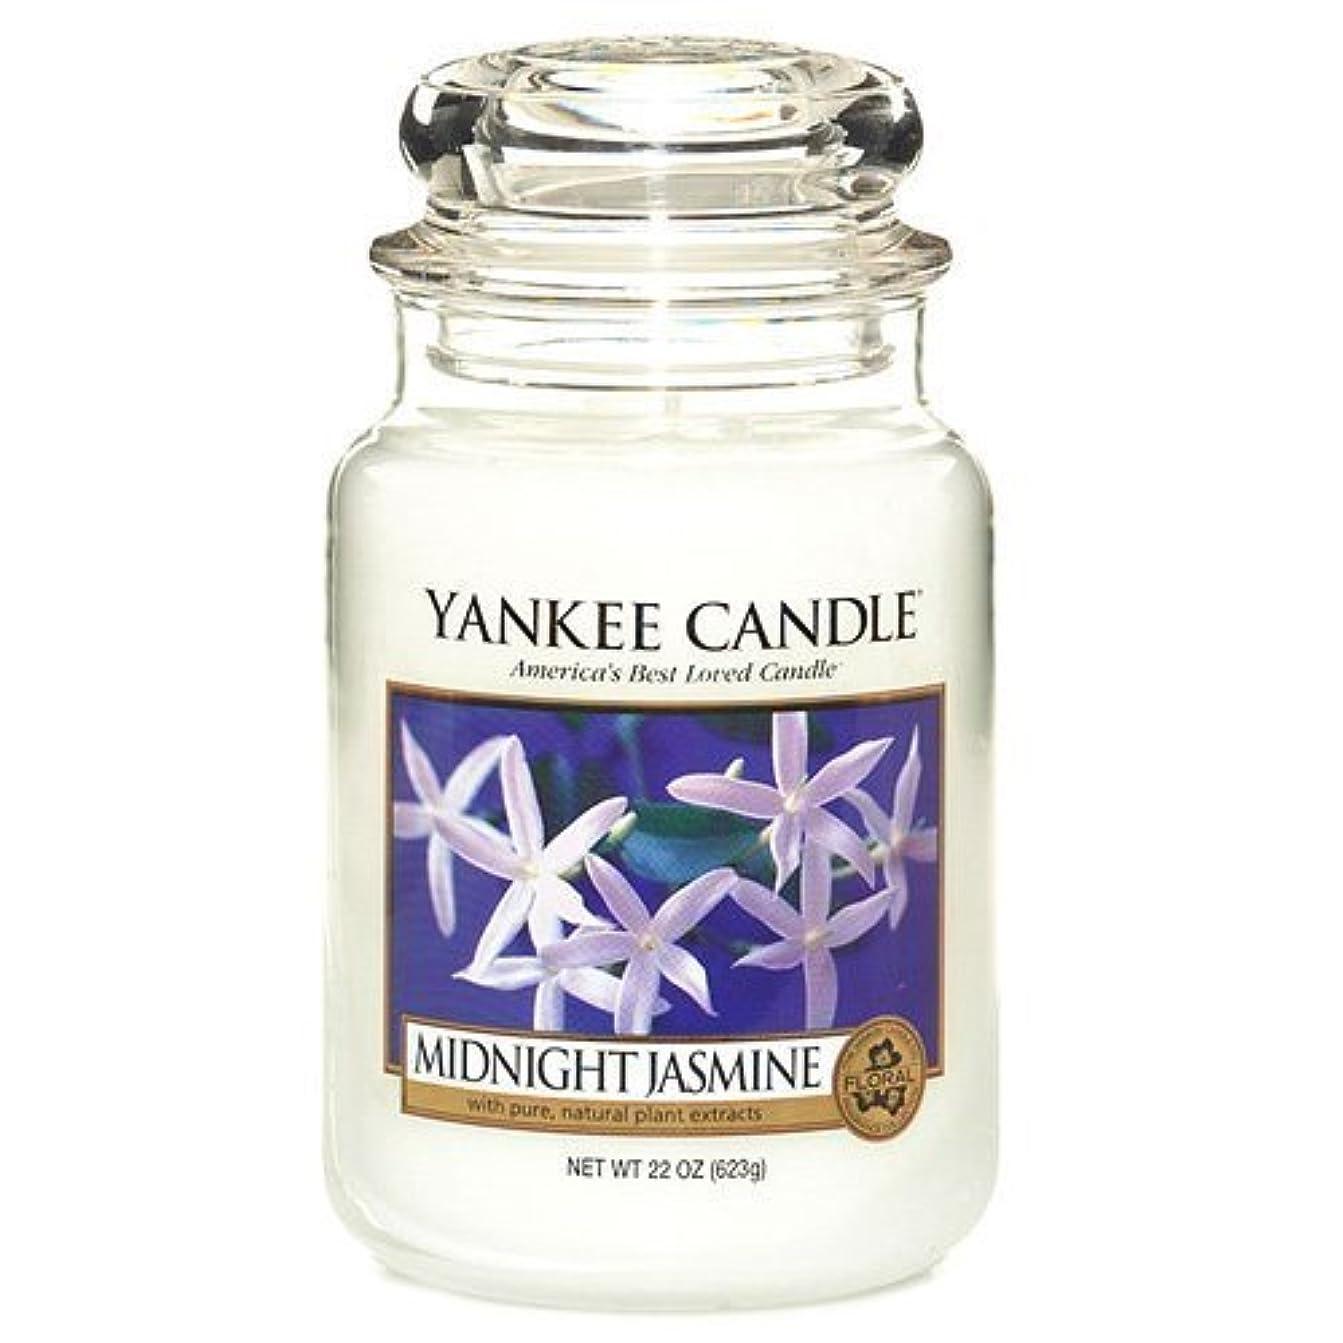 個人的な主に洞窟Yankee Candle Housewarmer Jar (Midnight Jasmine) - Large (22 oz) by Yankee Candle [並行輸入品]